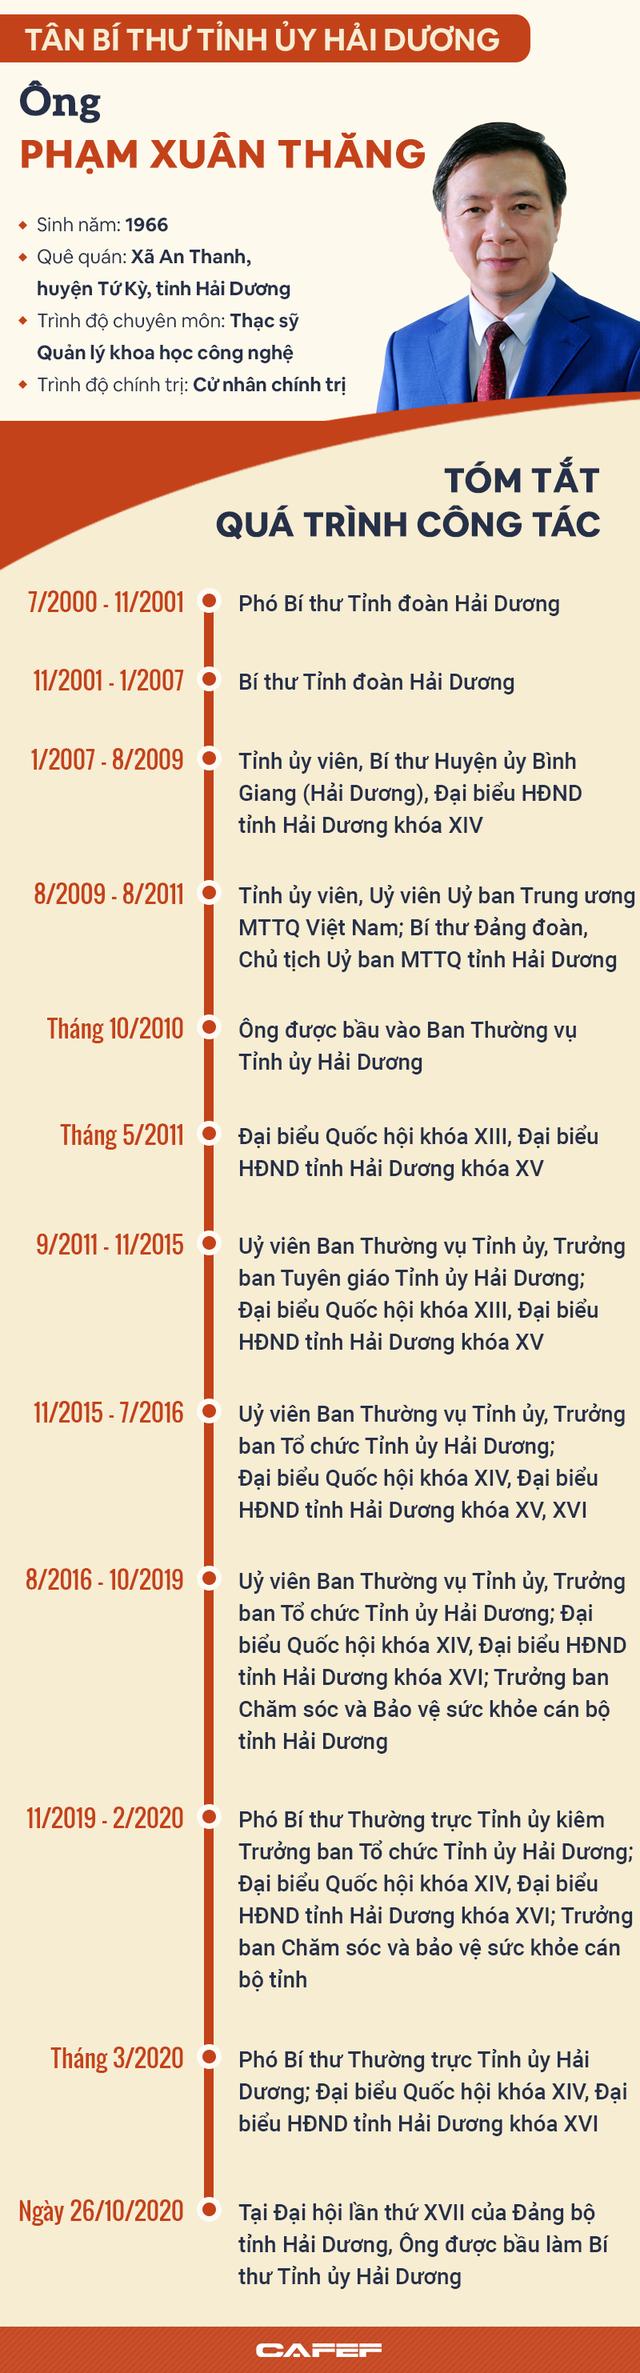 Infographic: Chân dung tân Bí thư Tỉnh ủy Hải Dương Phạm Xuân Thăng - Ảnh 1.